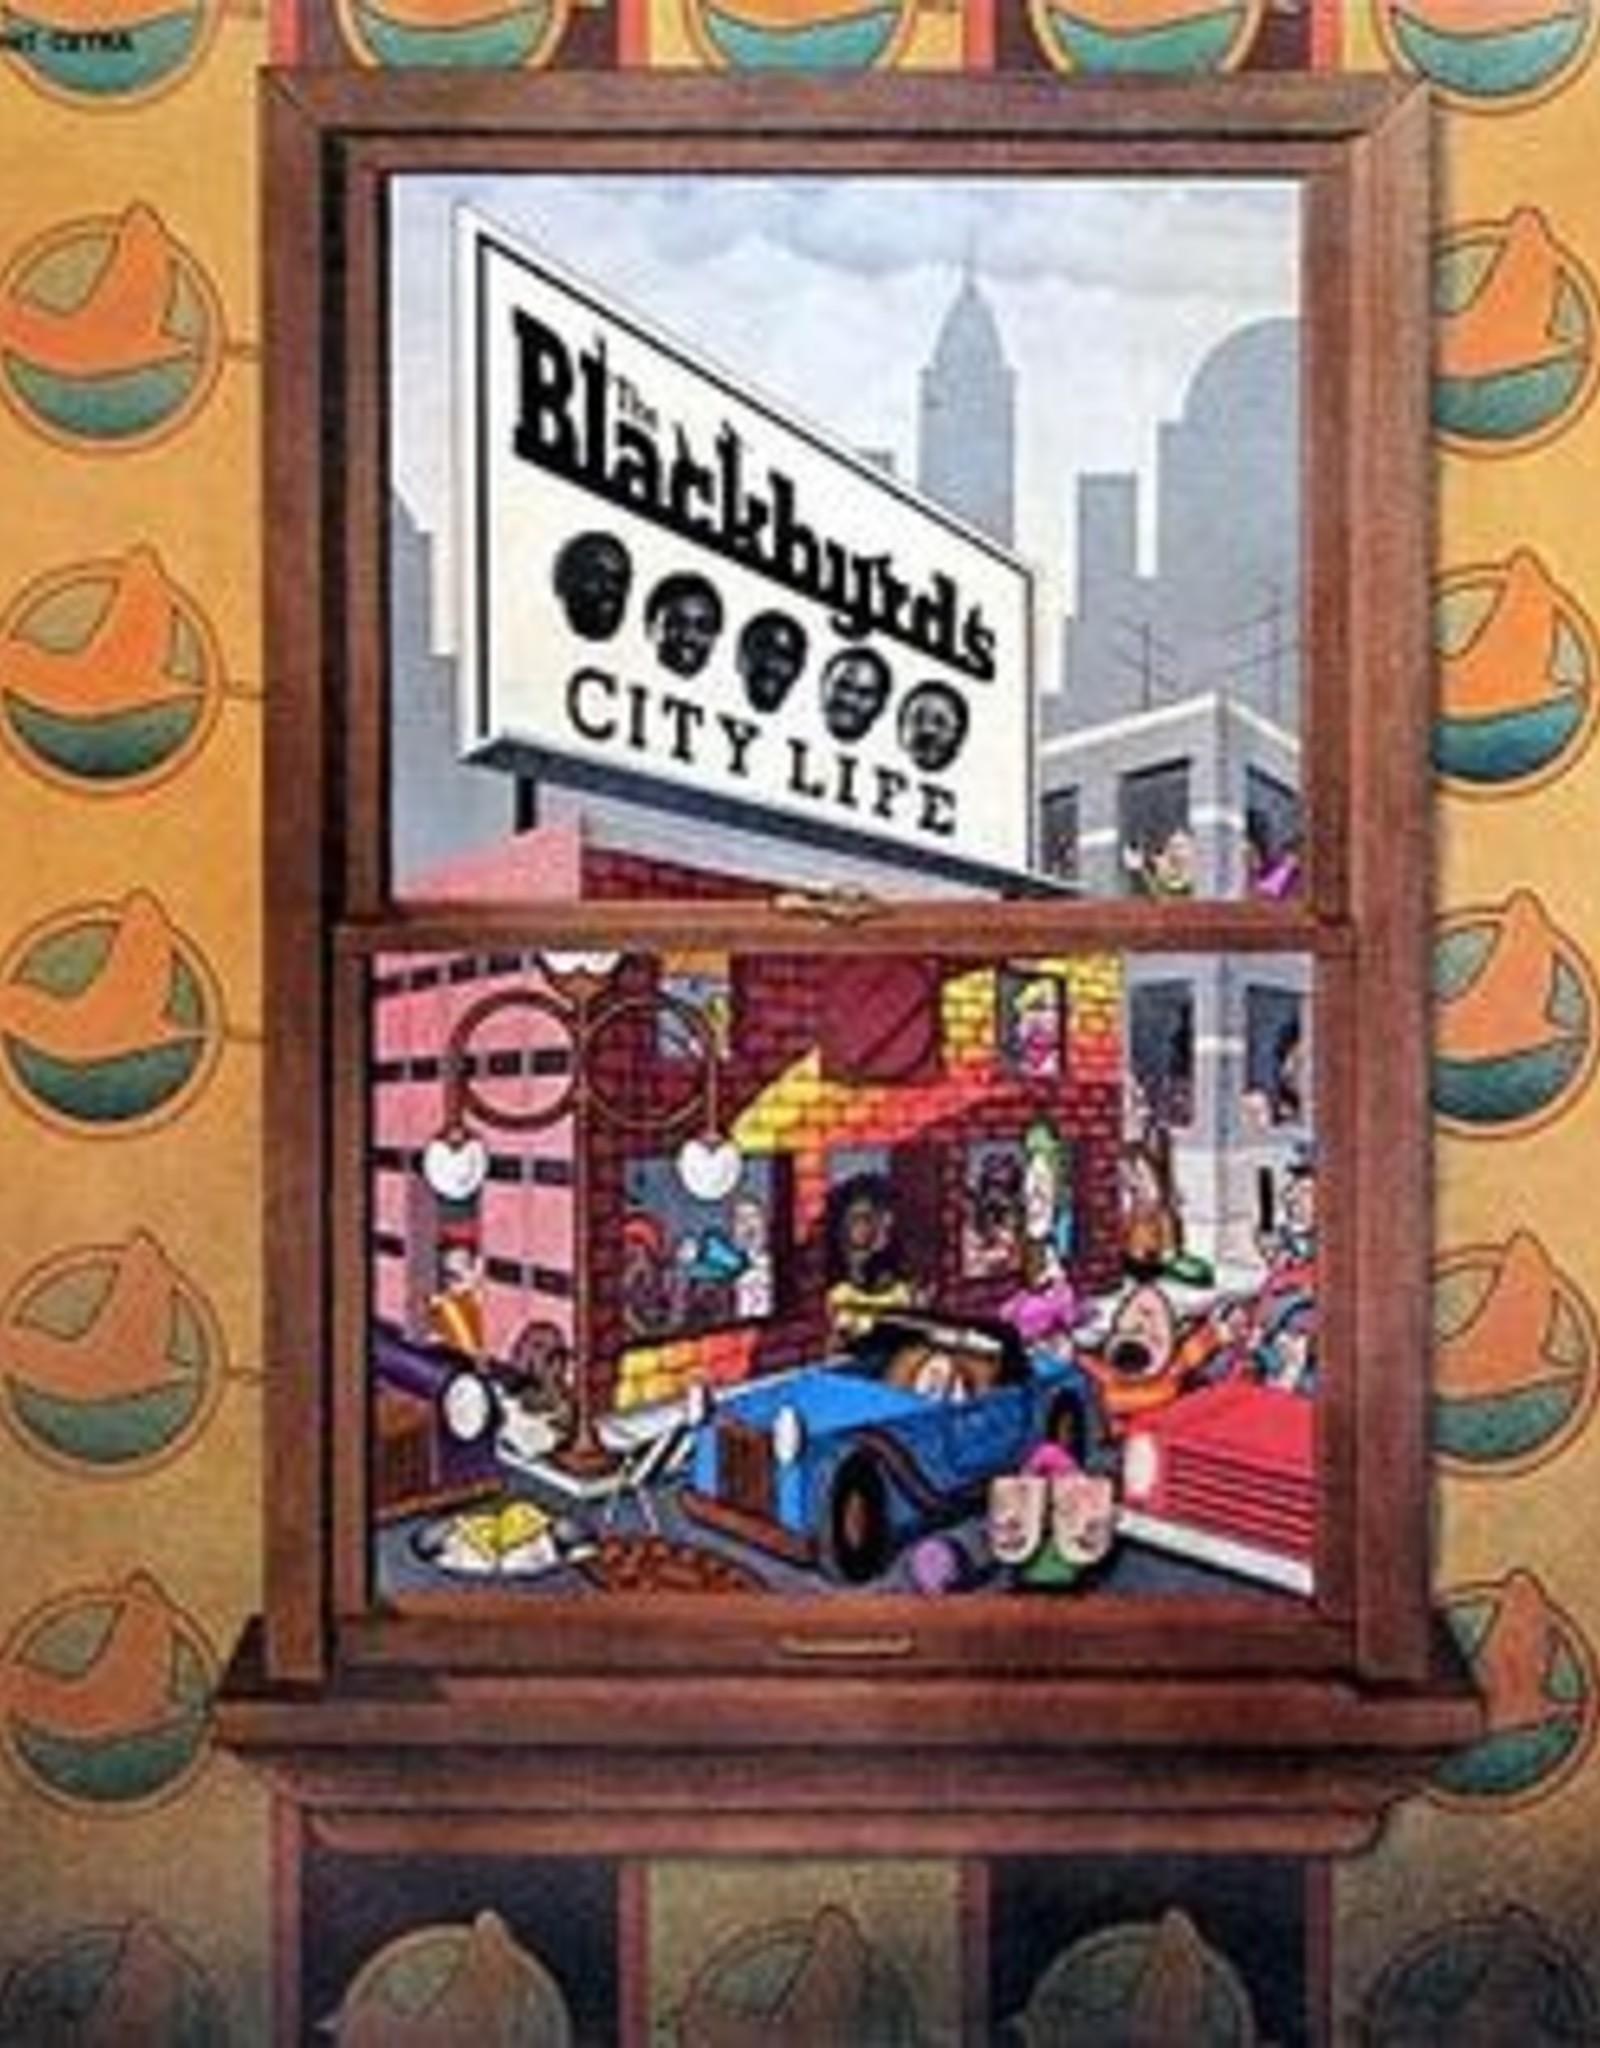 Blackbyrds - City Life